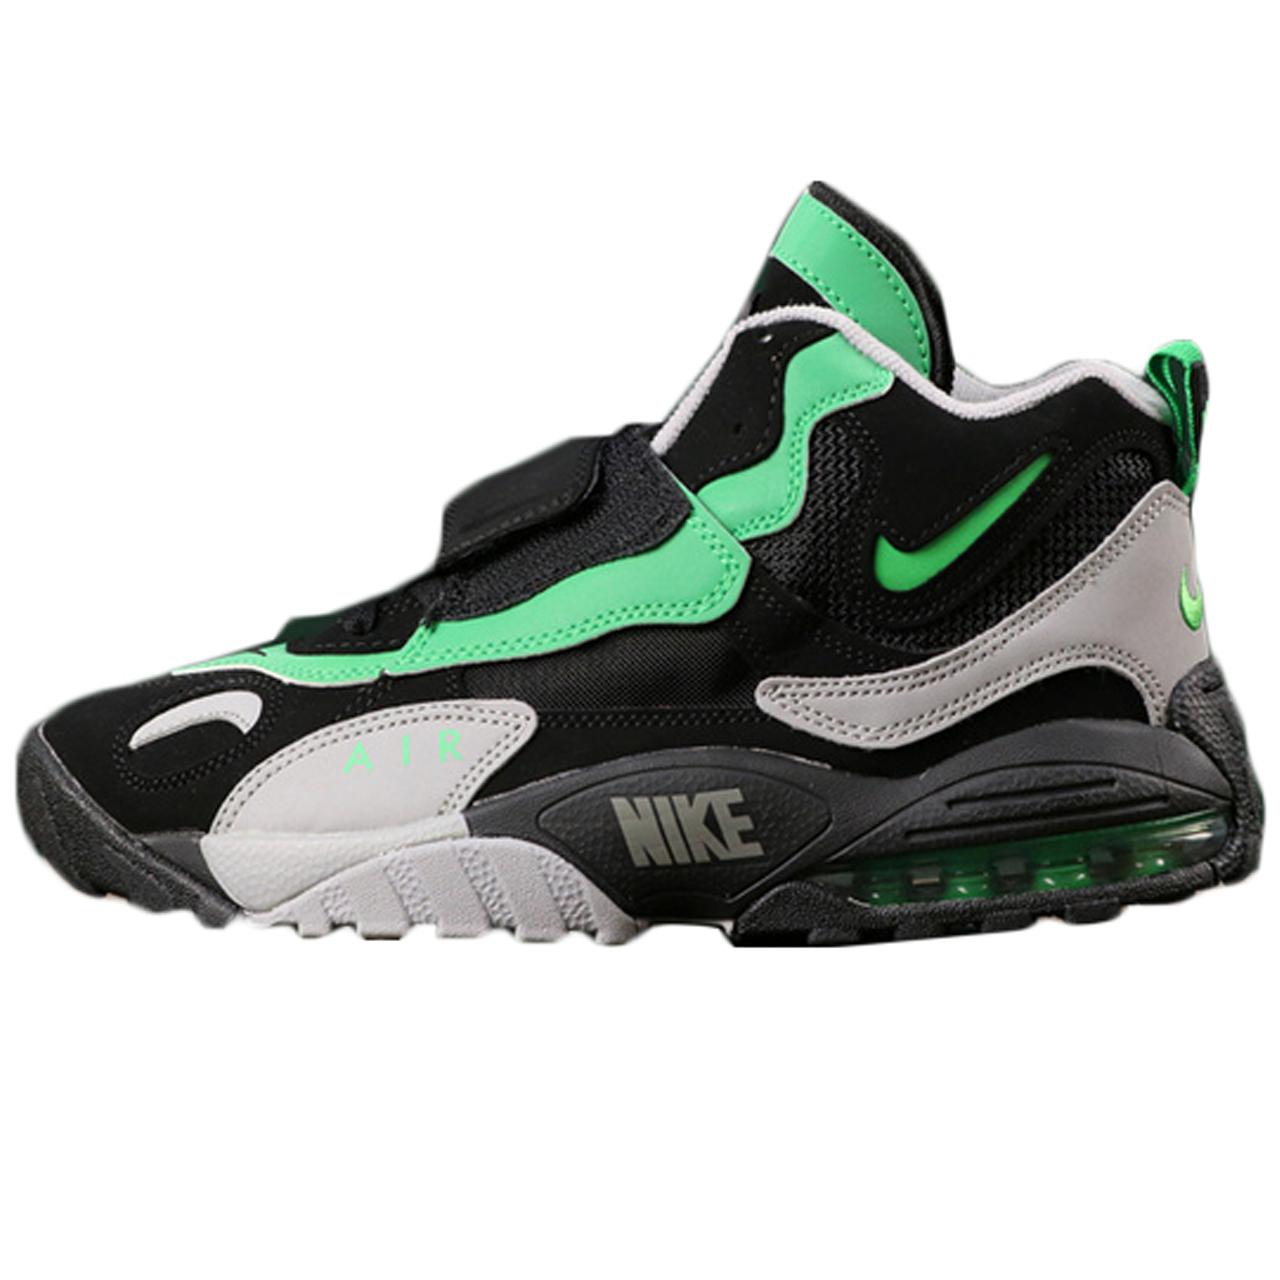 کفش مخصوص دویدن زنانه نایکی مدل Air speed turf